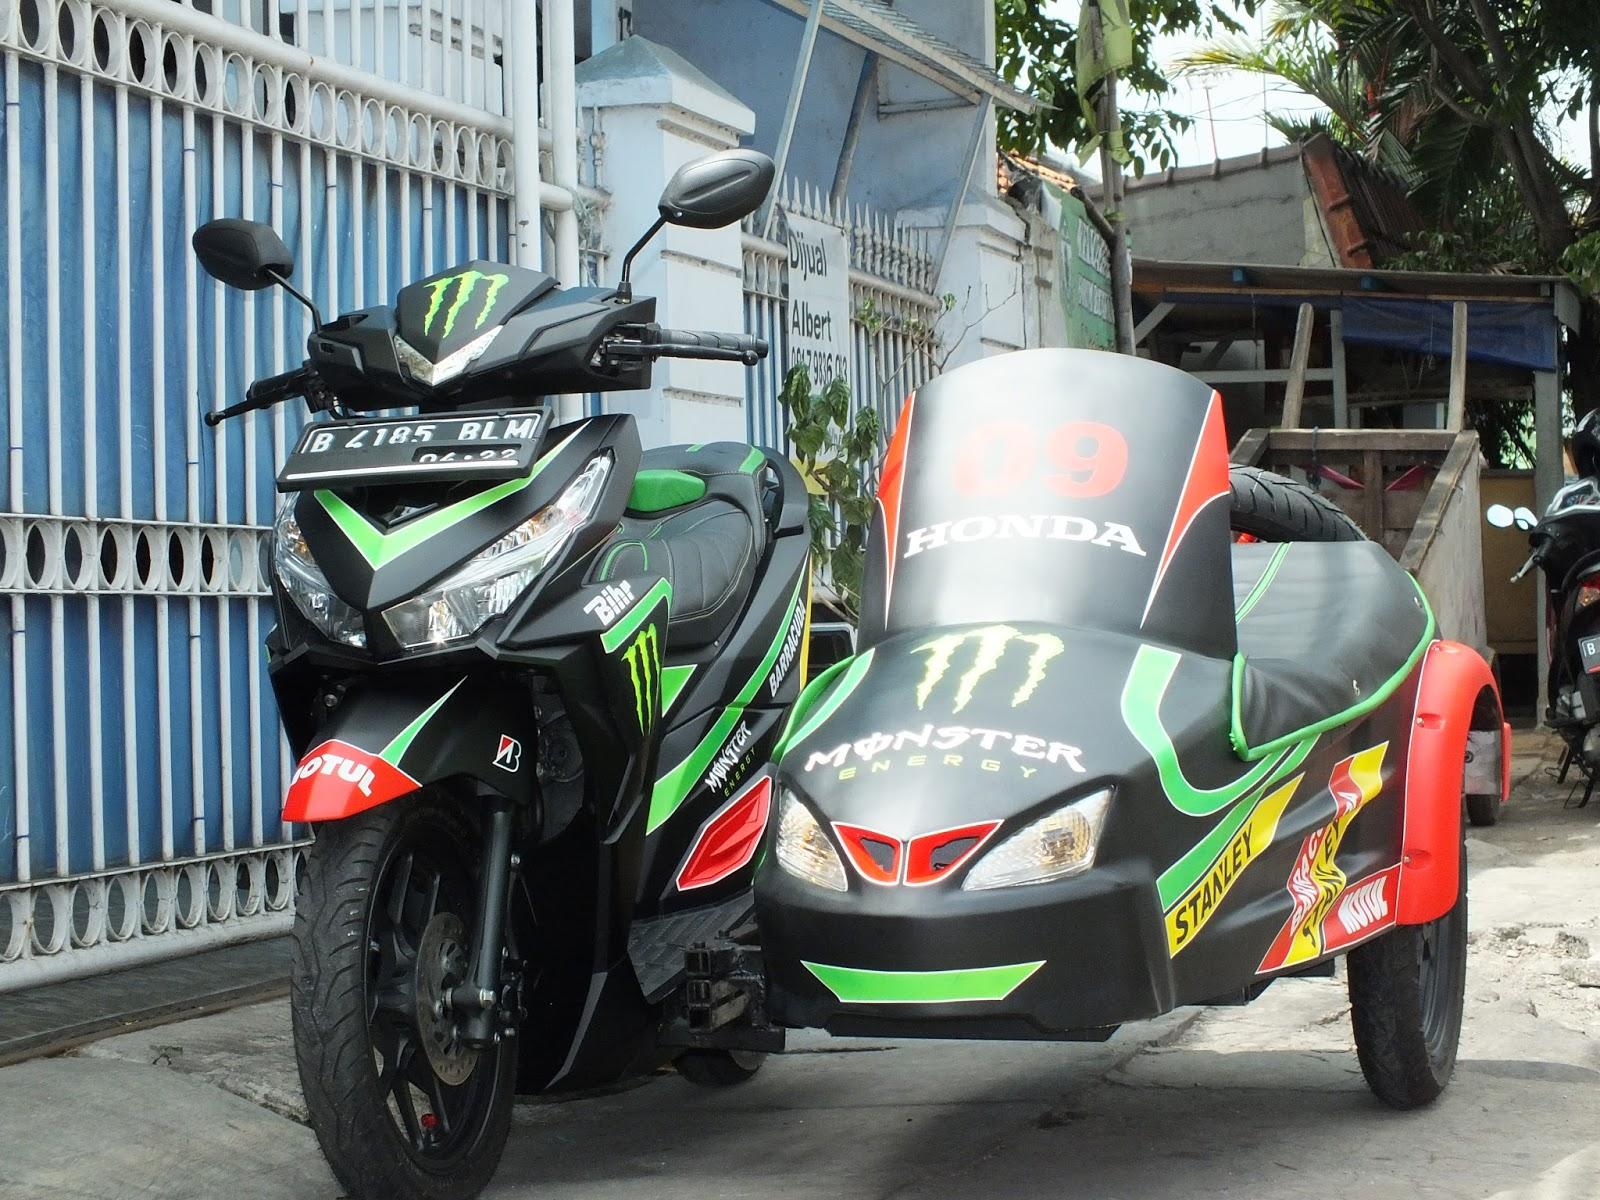 Modifikasi JOK MOTOR JOK VARIO 150 SESPAN Pesanan Mr SUTIYONO AMBON